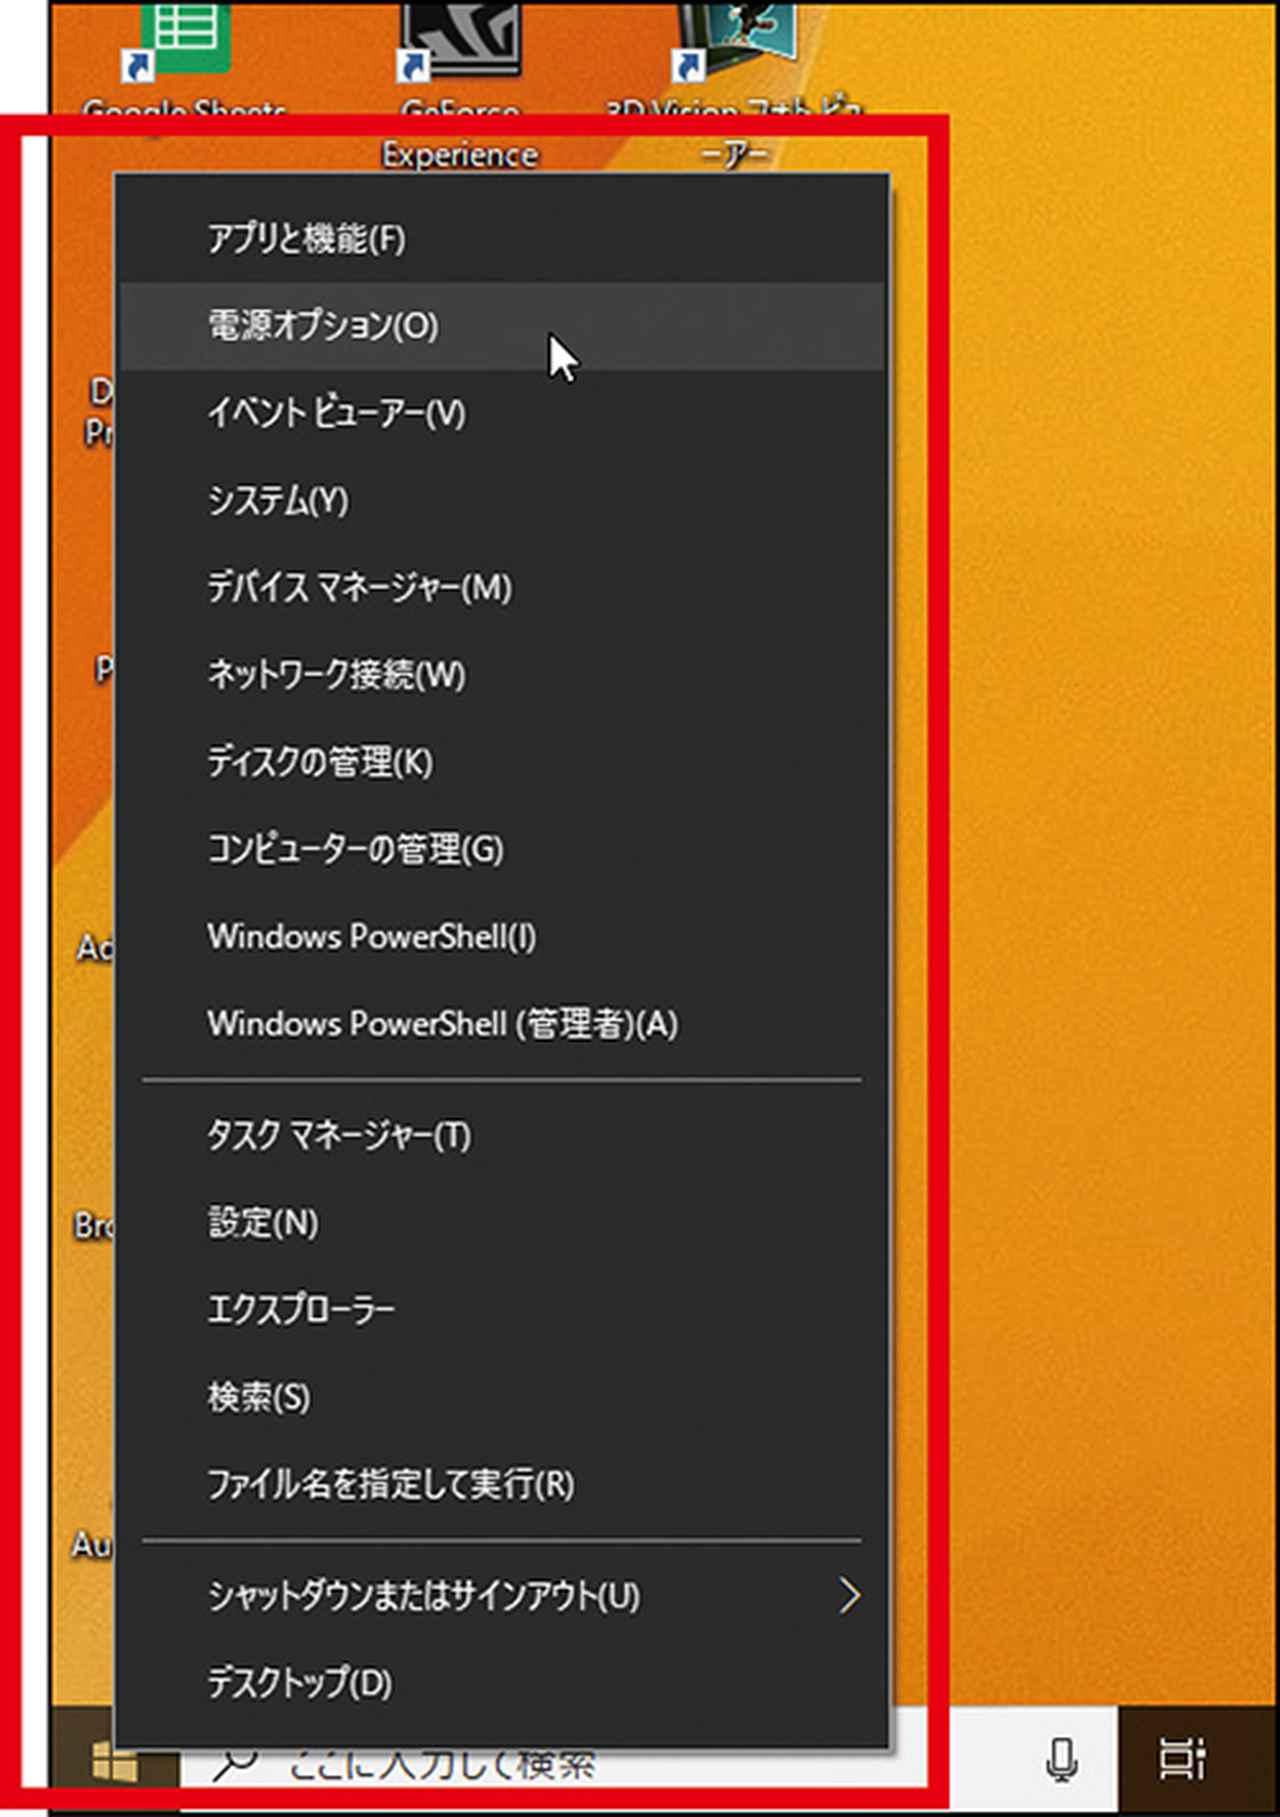 画像1: 【パソコン高速化】Windows10の「スタート画面」を自分好みにカスタマイズする方法